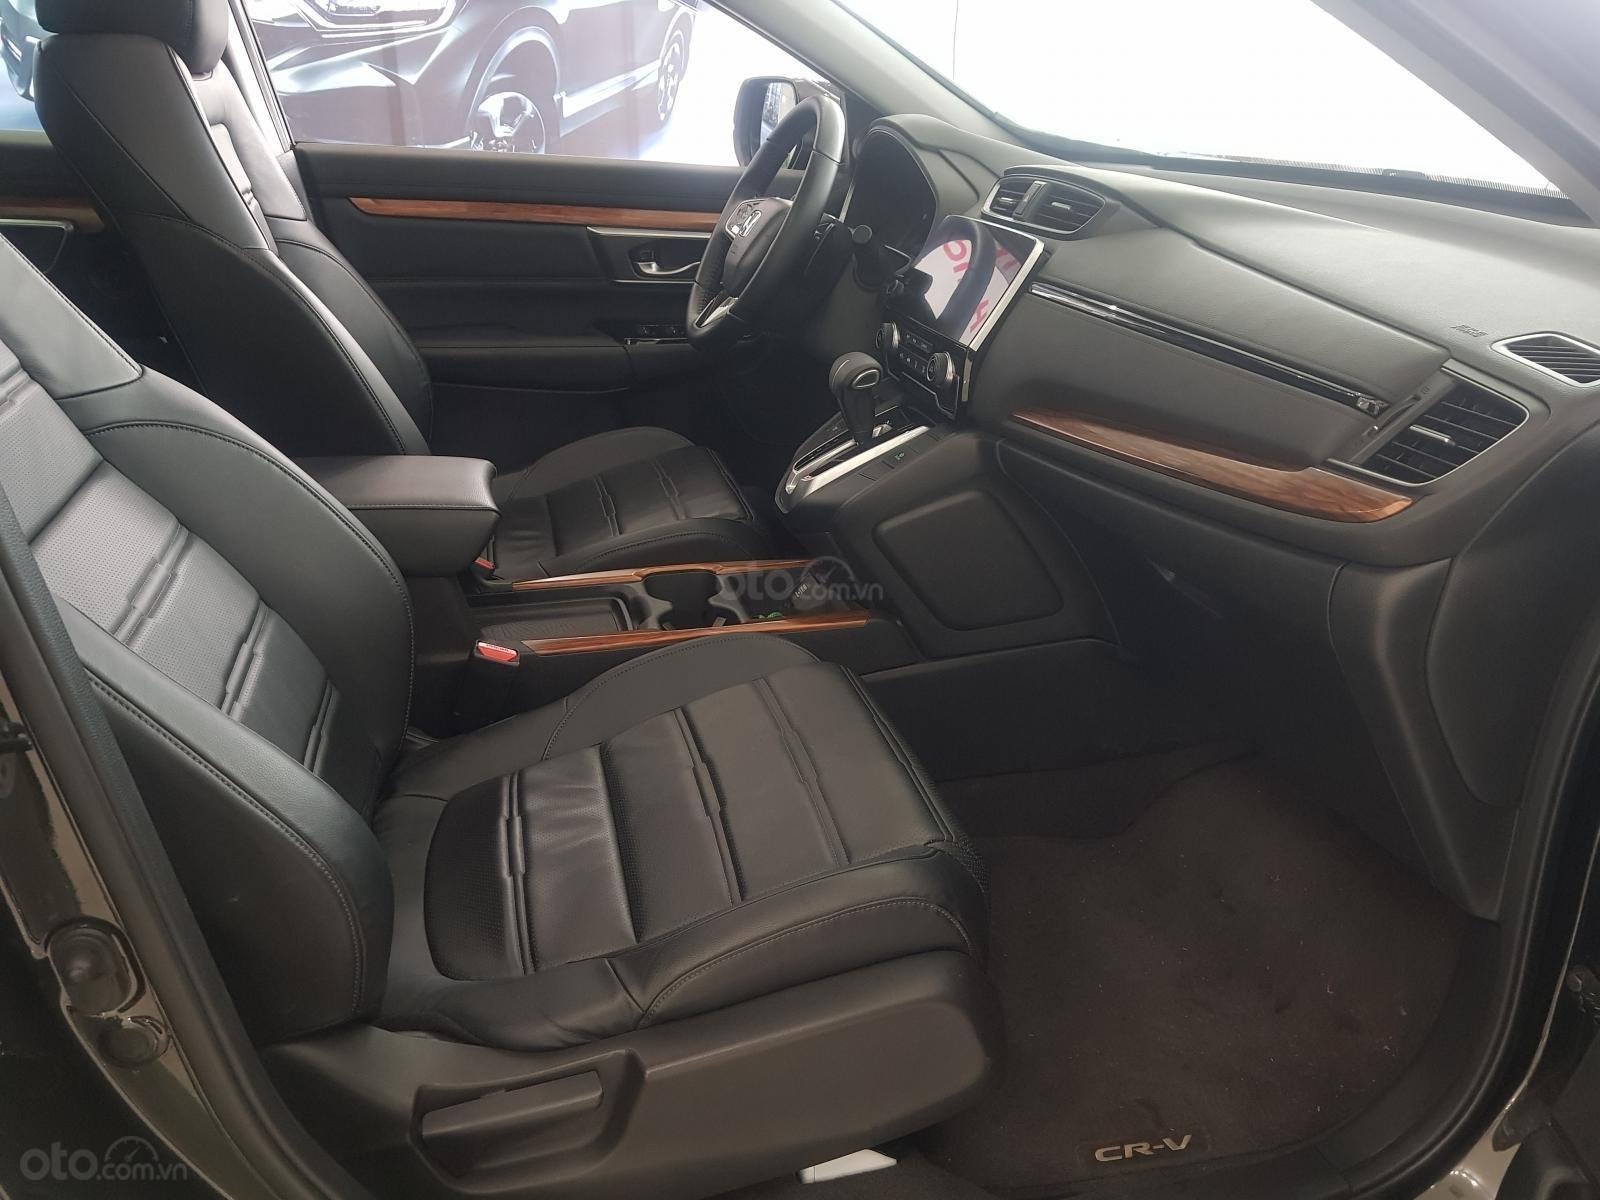 Bán Honda CRV 2019 nhập khẩu, 7 chỗ, giao ngay đủ màu, khuyến mại phụ kiện - LH: 0833578866-6